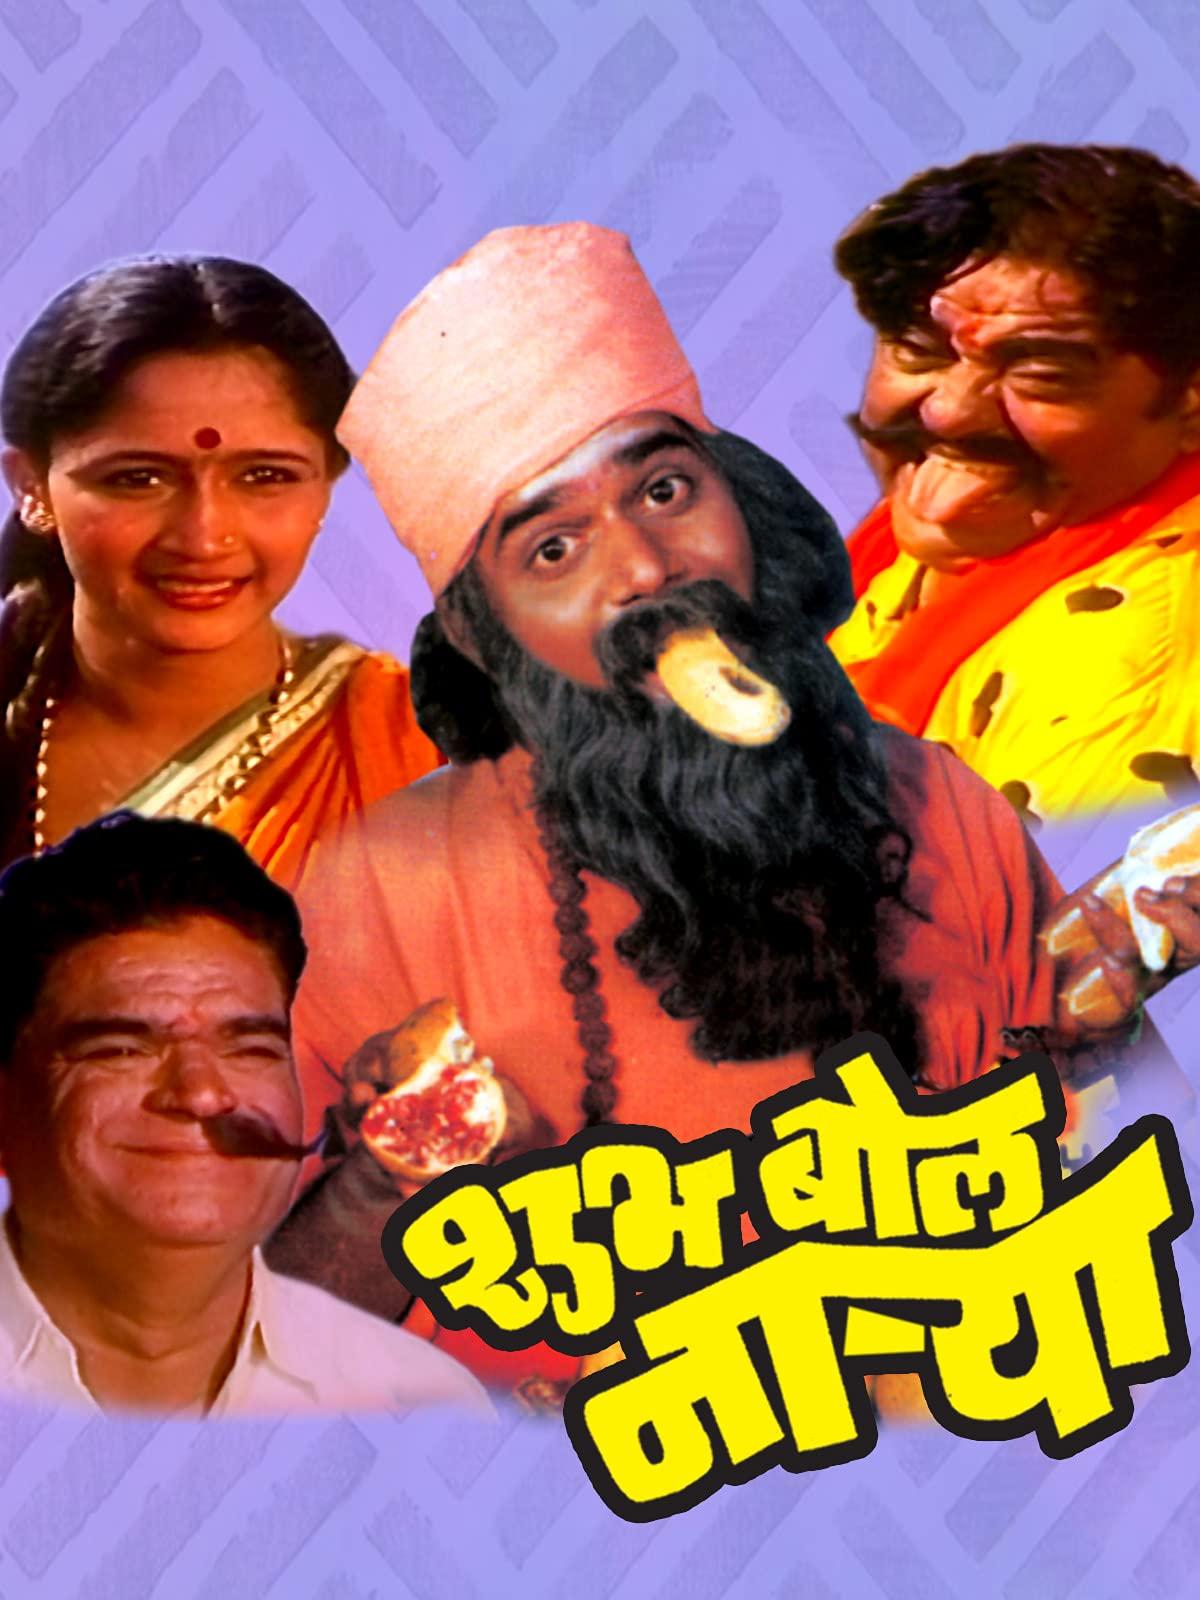 Shubh Bol Narya